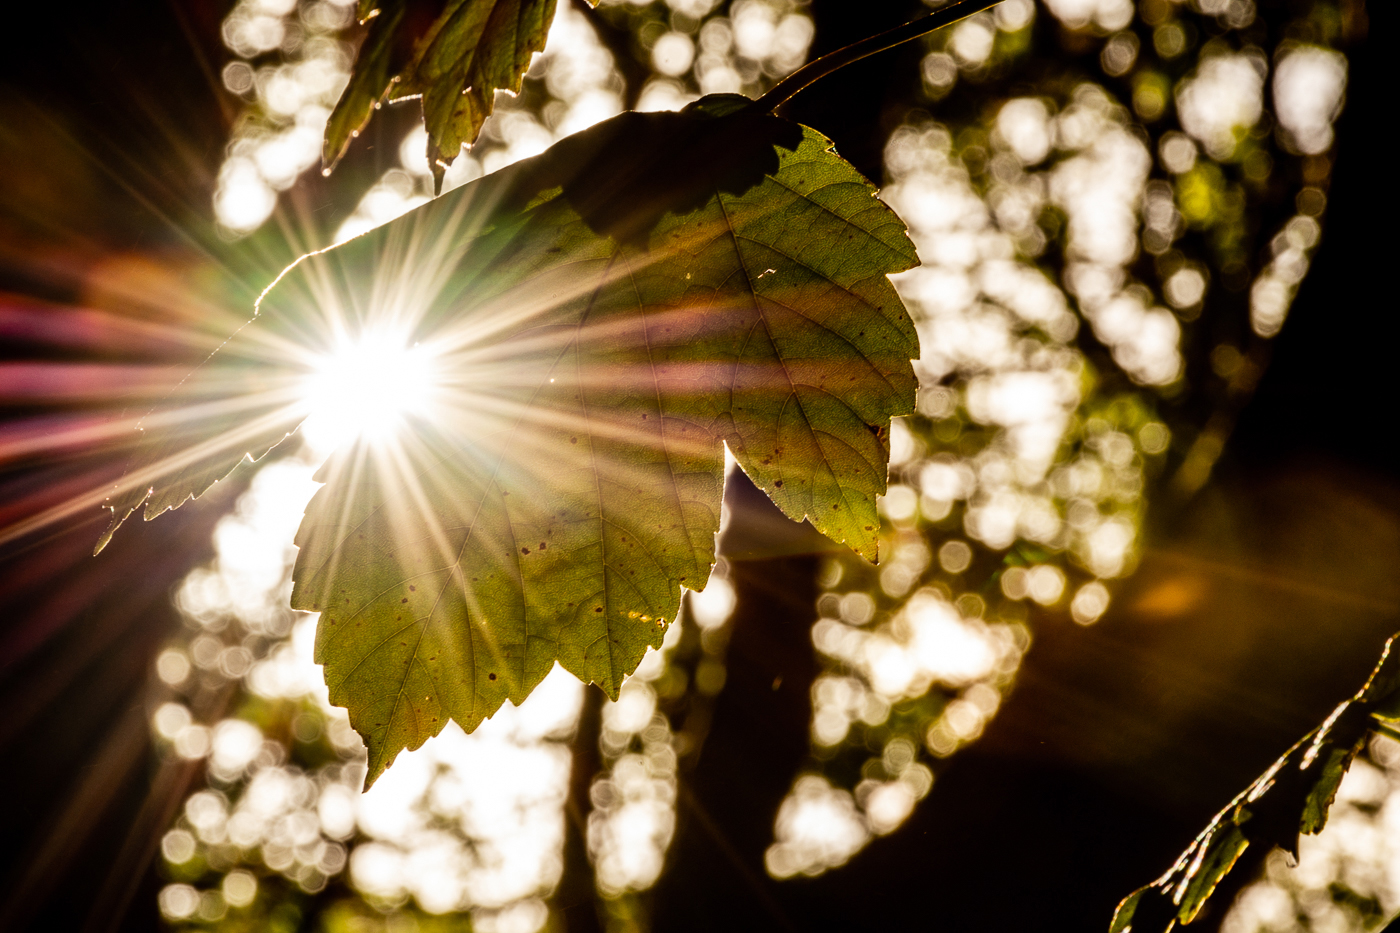 Sun burst through Leaf